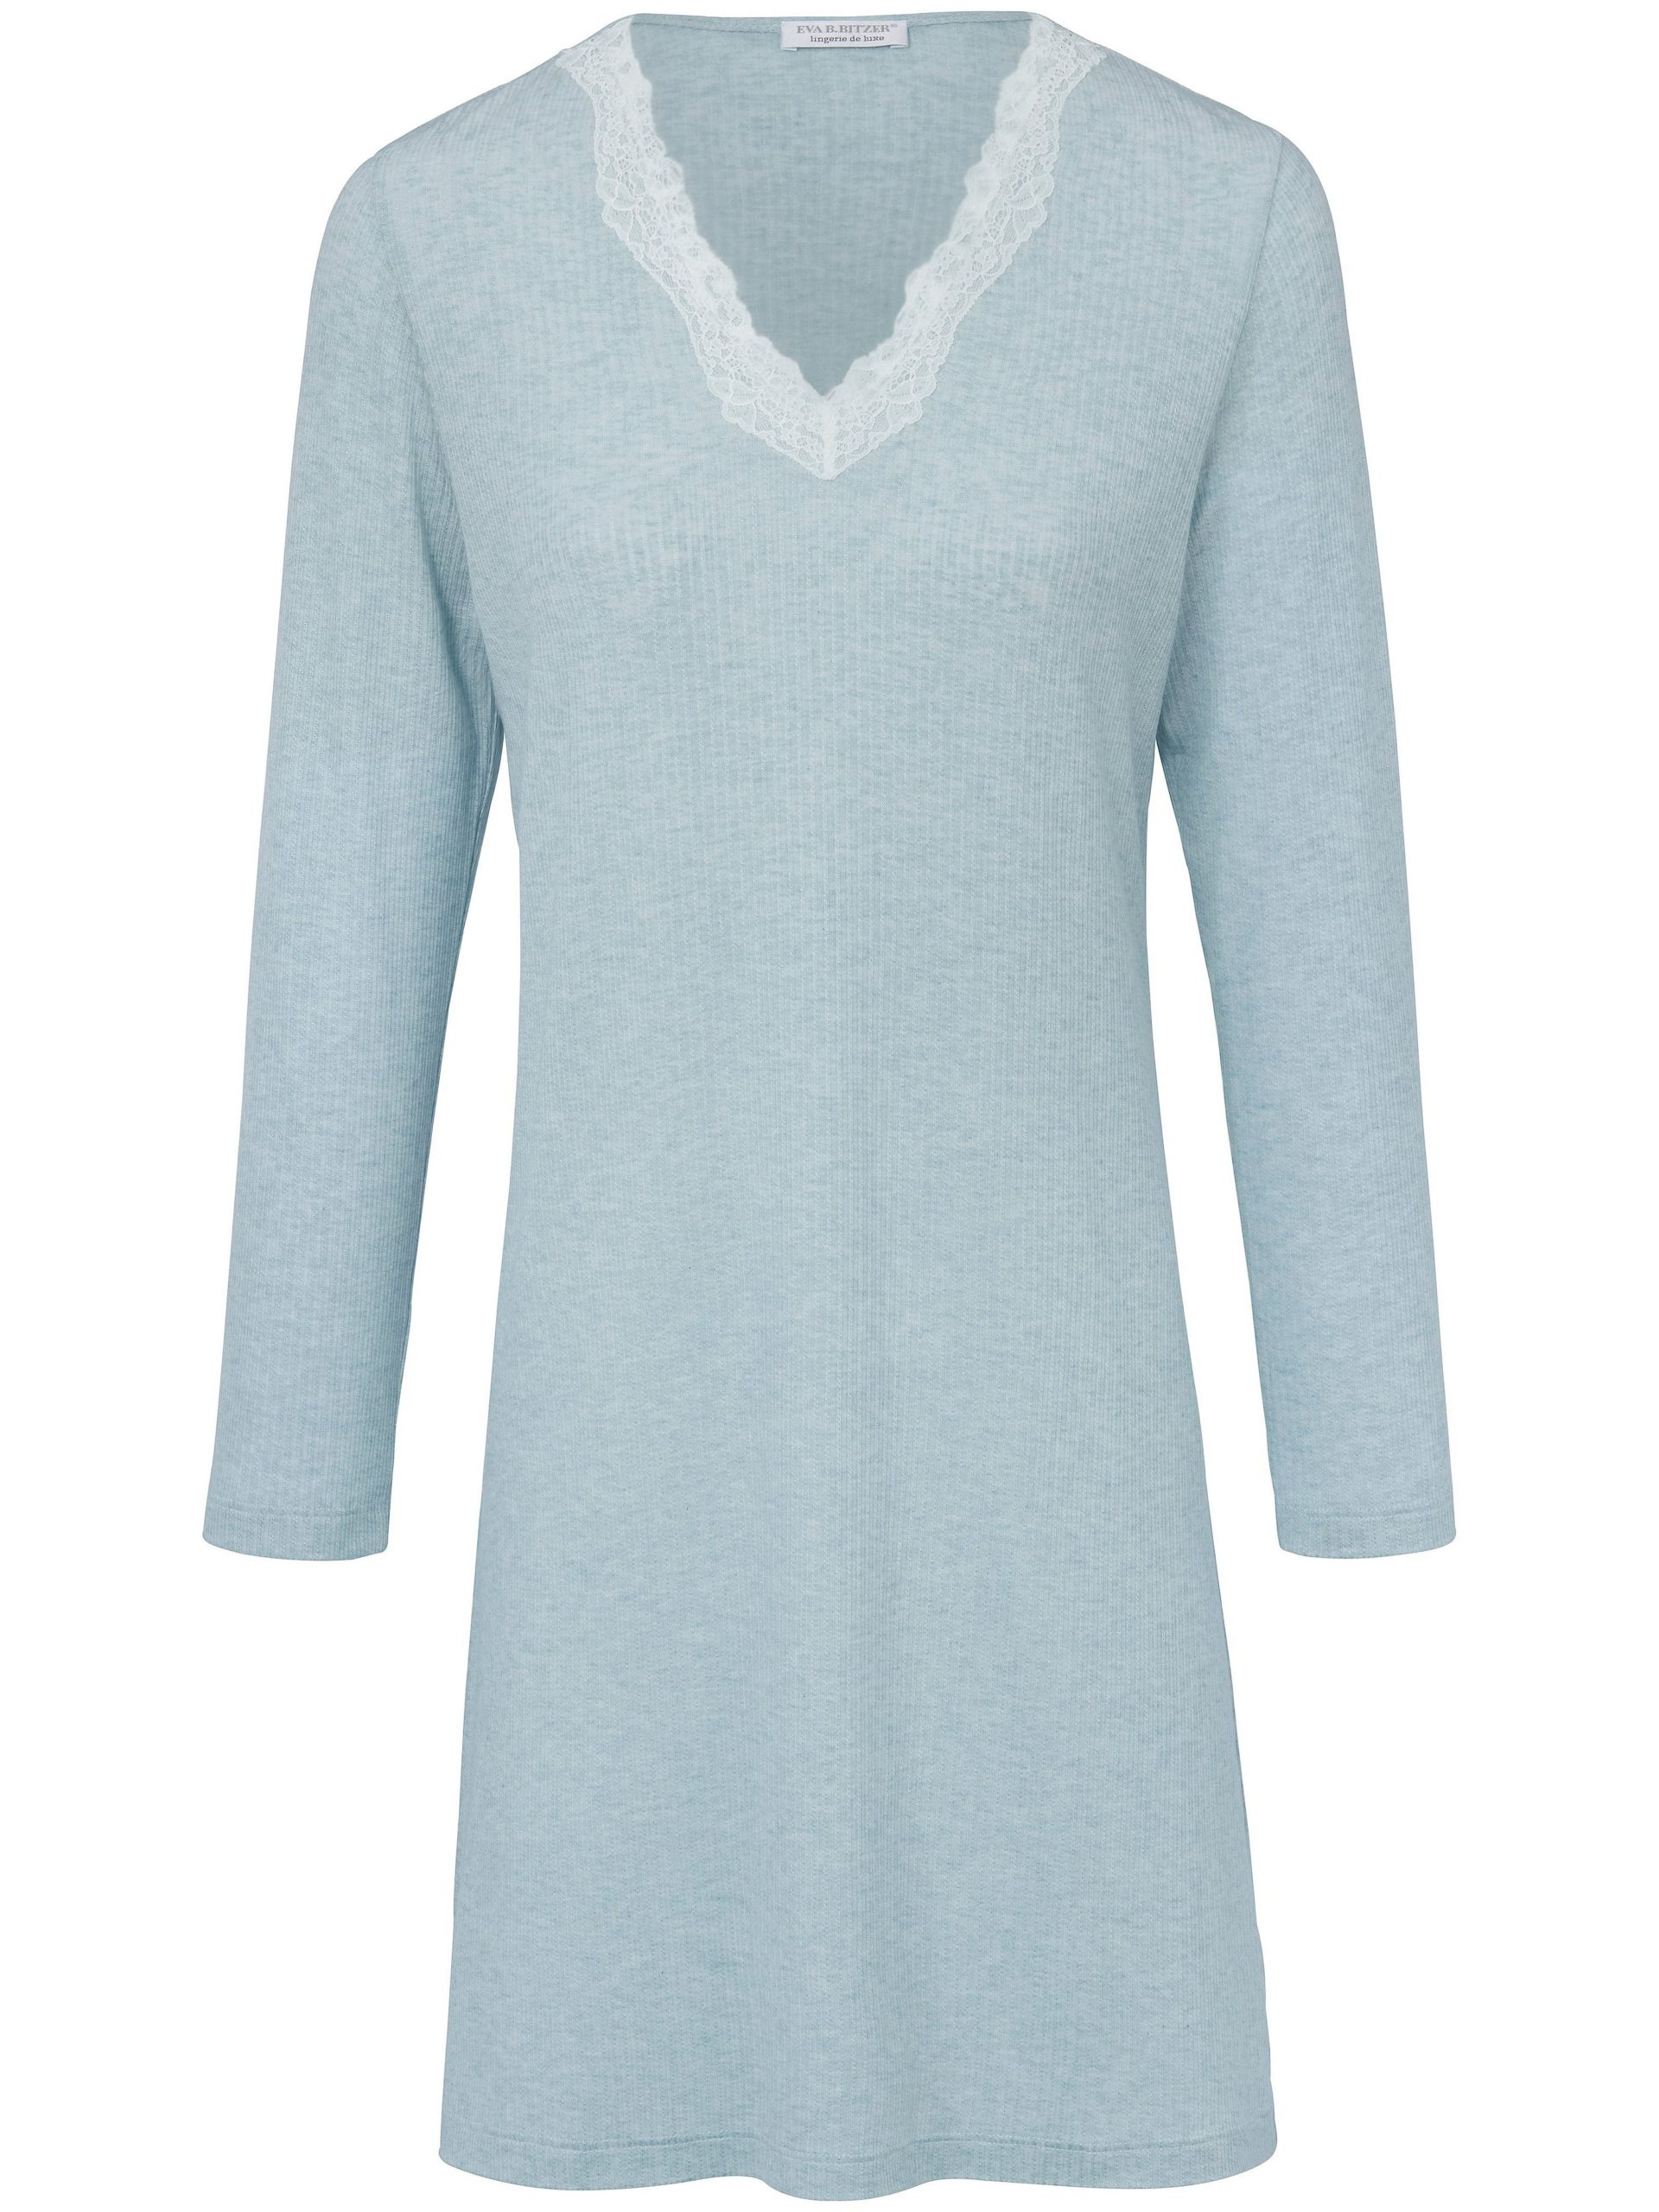 Nachthemd met V-hals Van Eva B. Bitzer blauw Kopen